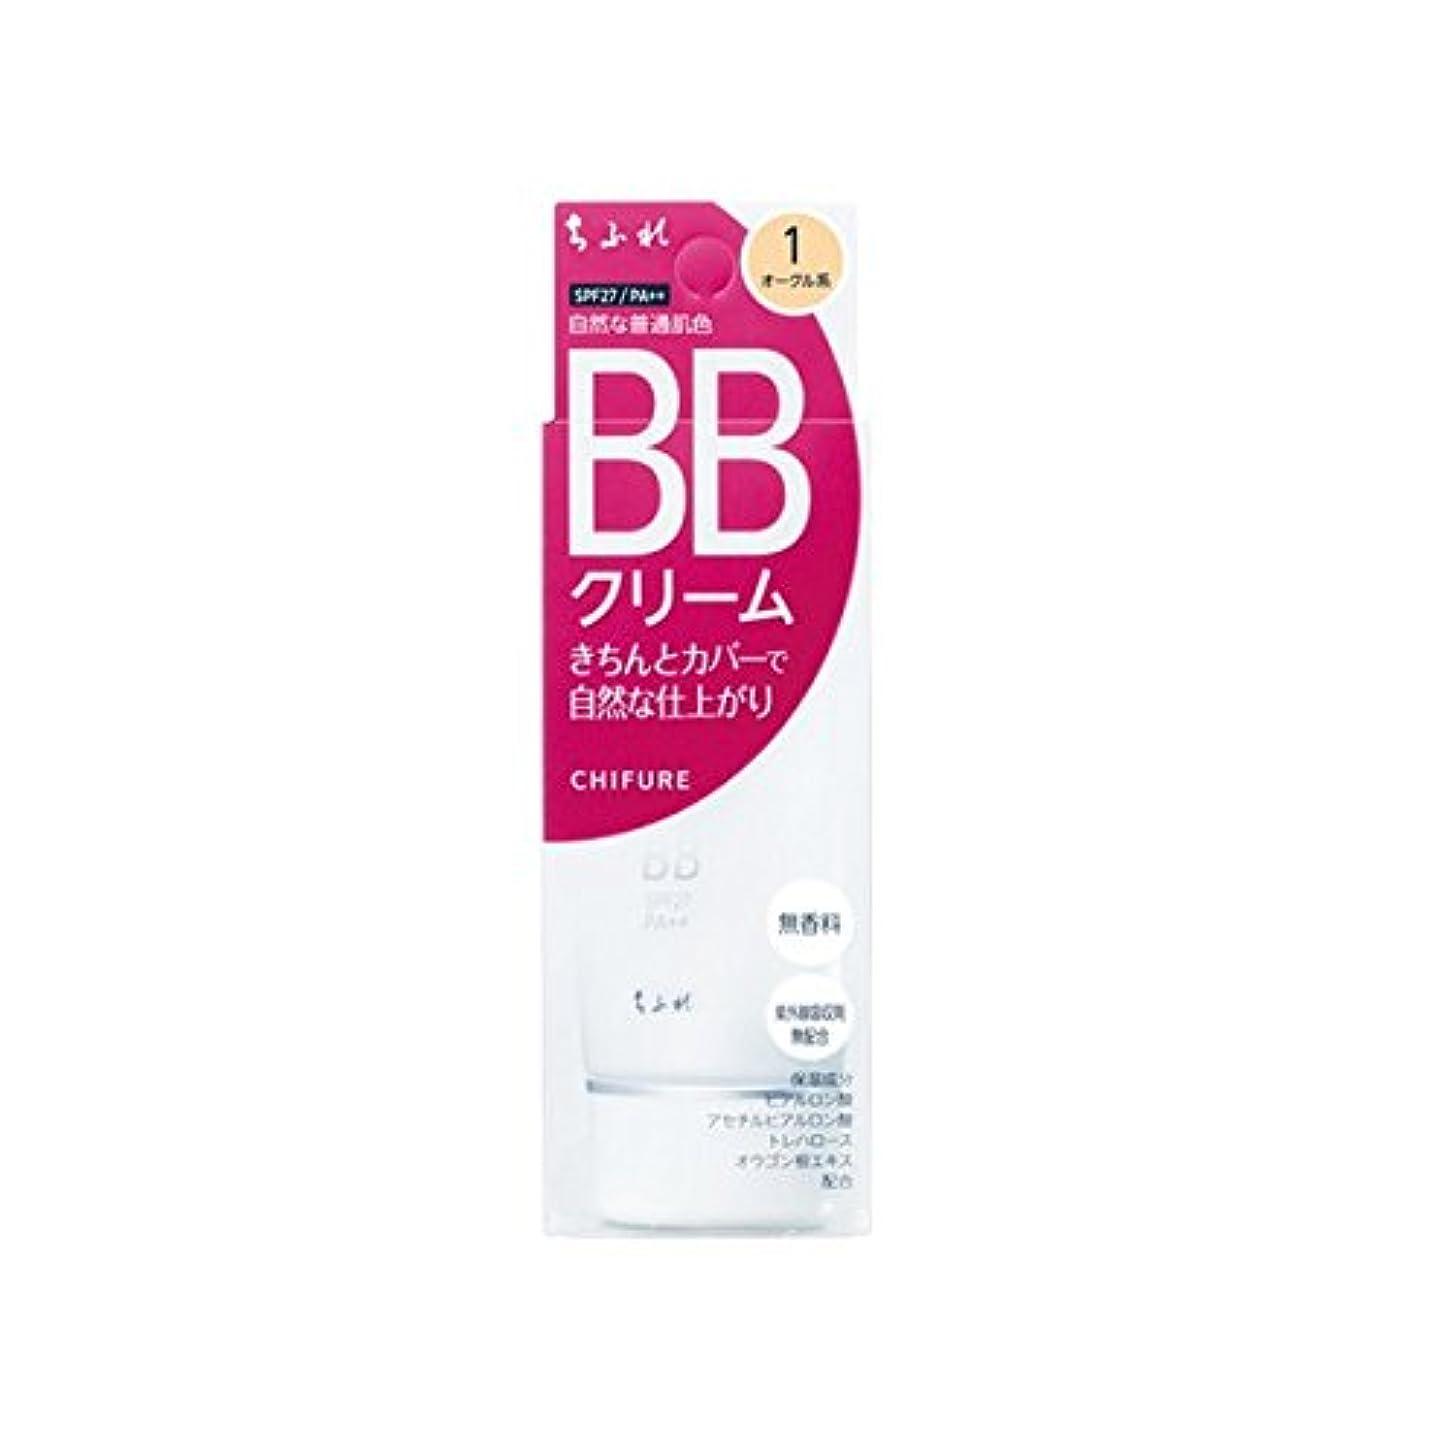 先ランドマーク故障中ちふれ化粧品 BB クリーム 1 自然な普通肌色 BBクリーム 1